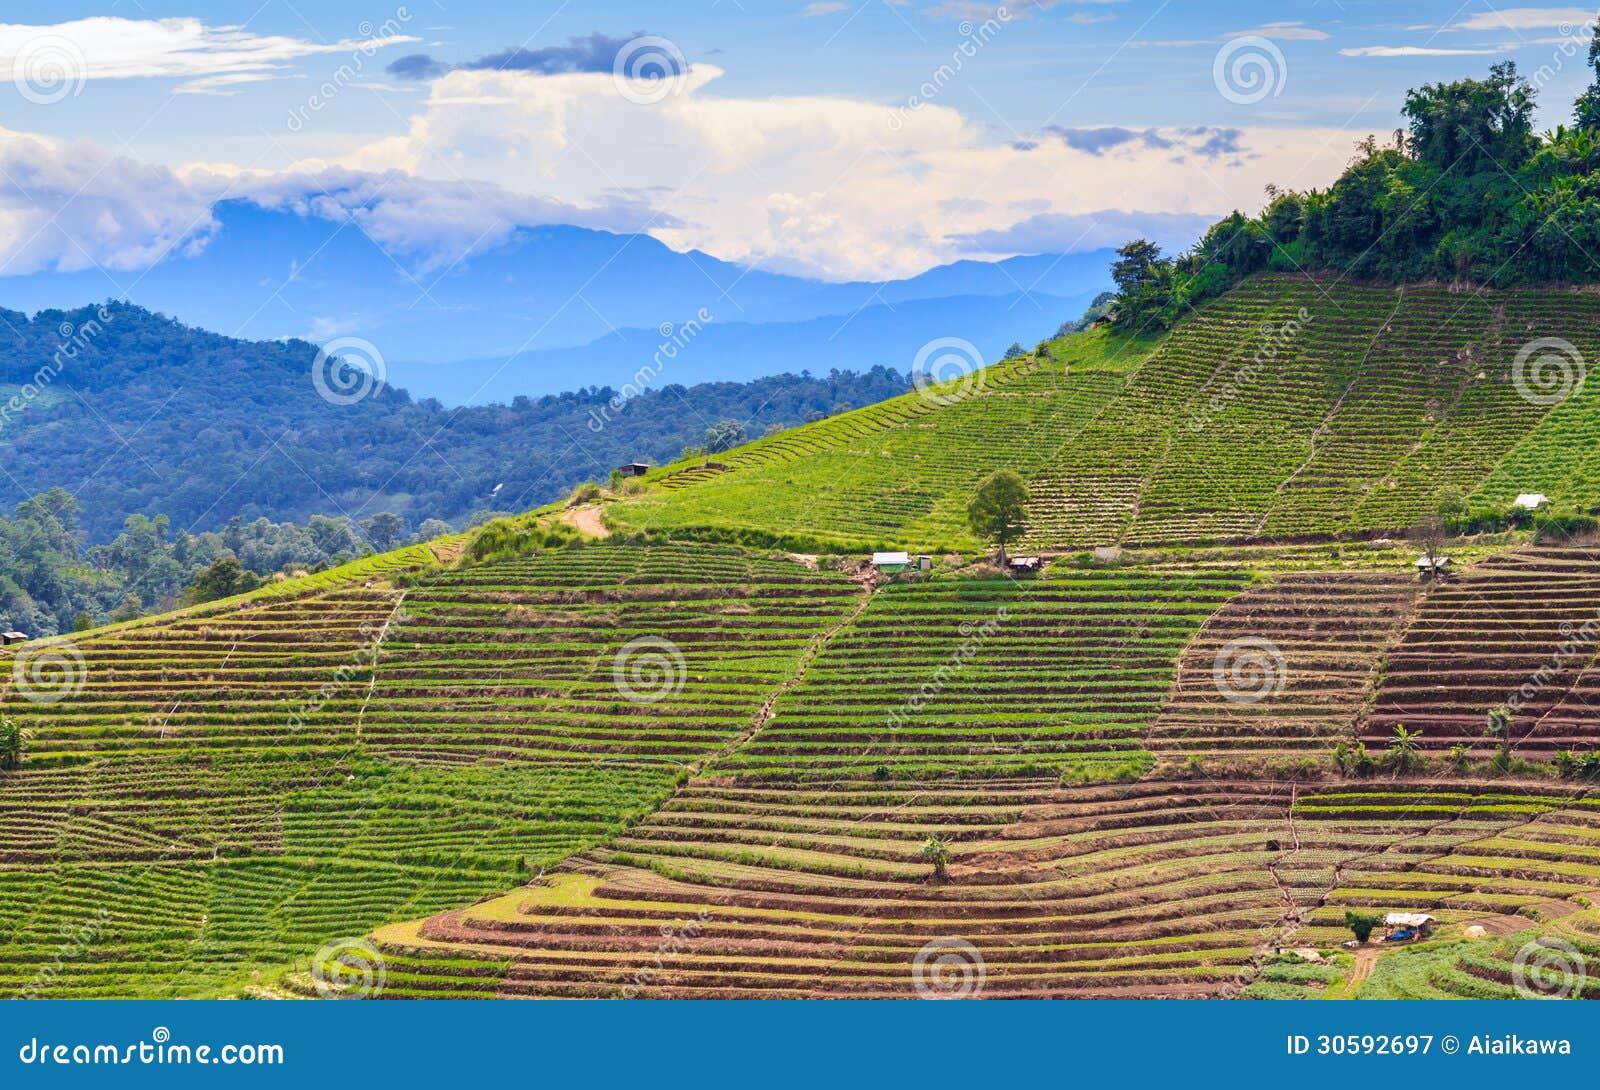 Agriculture De Terrasse Sur La Montagne Tropicale